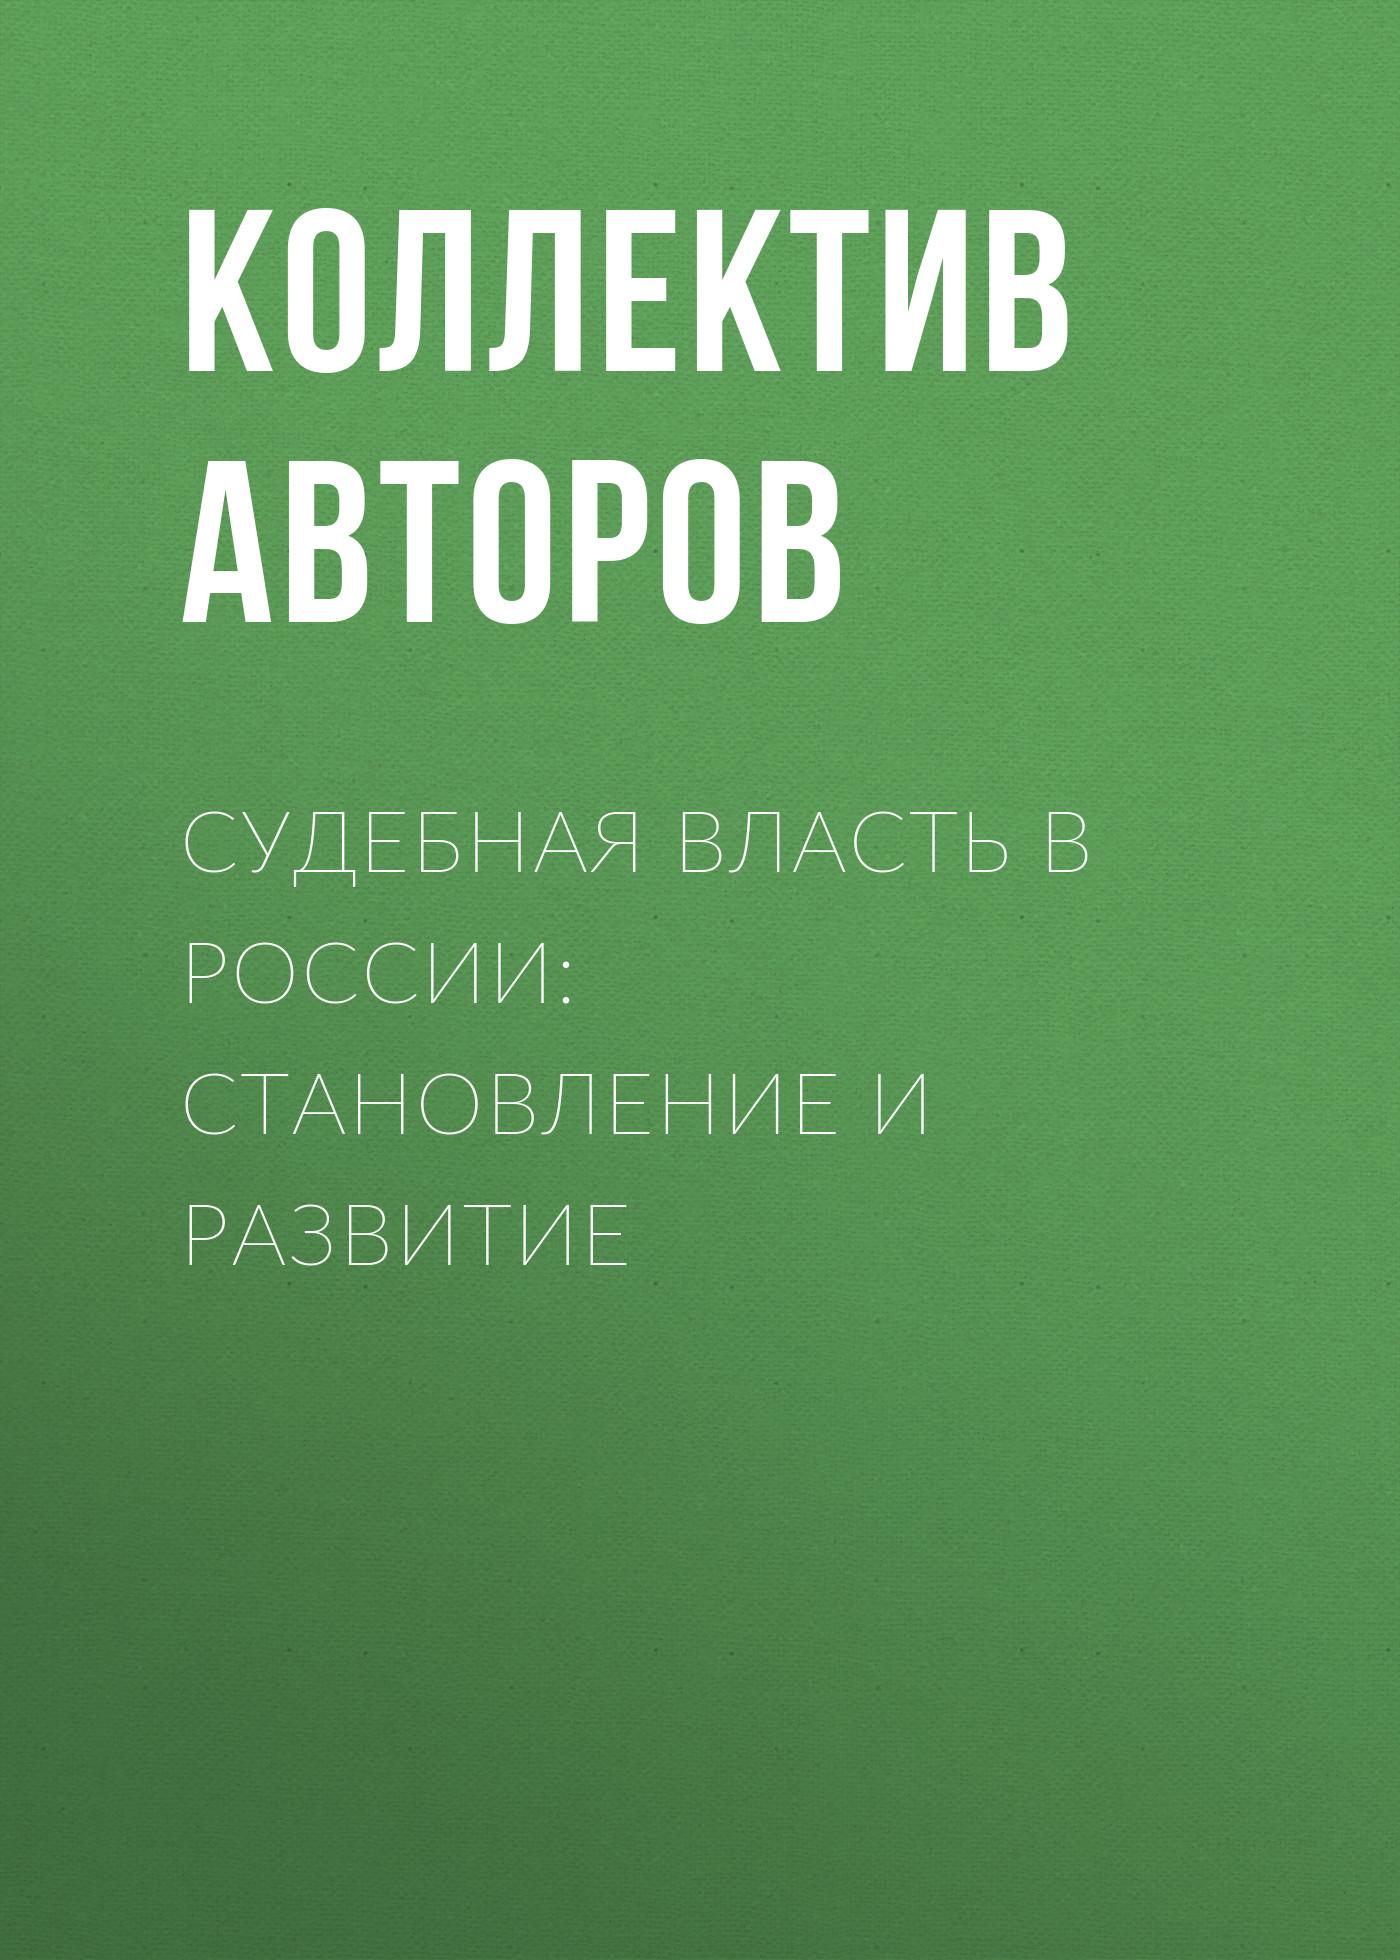 Коллектив авторов Судебная власть в России: становление и развитие